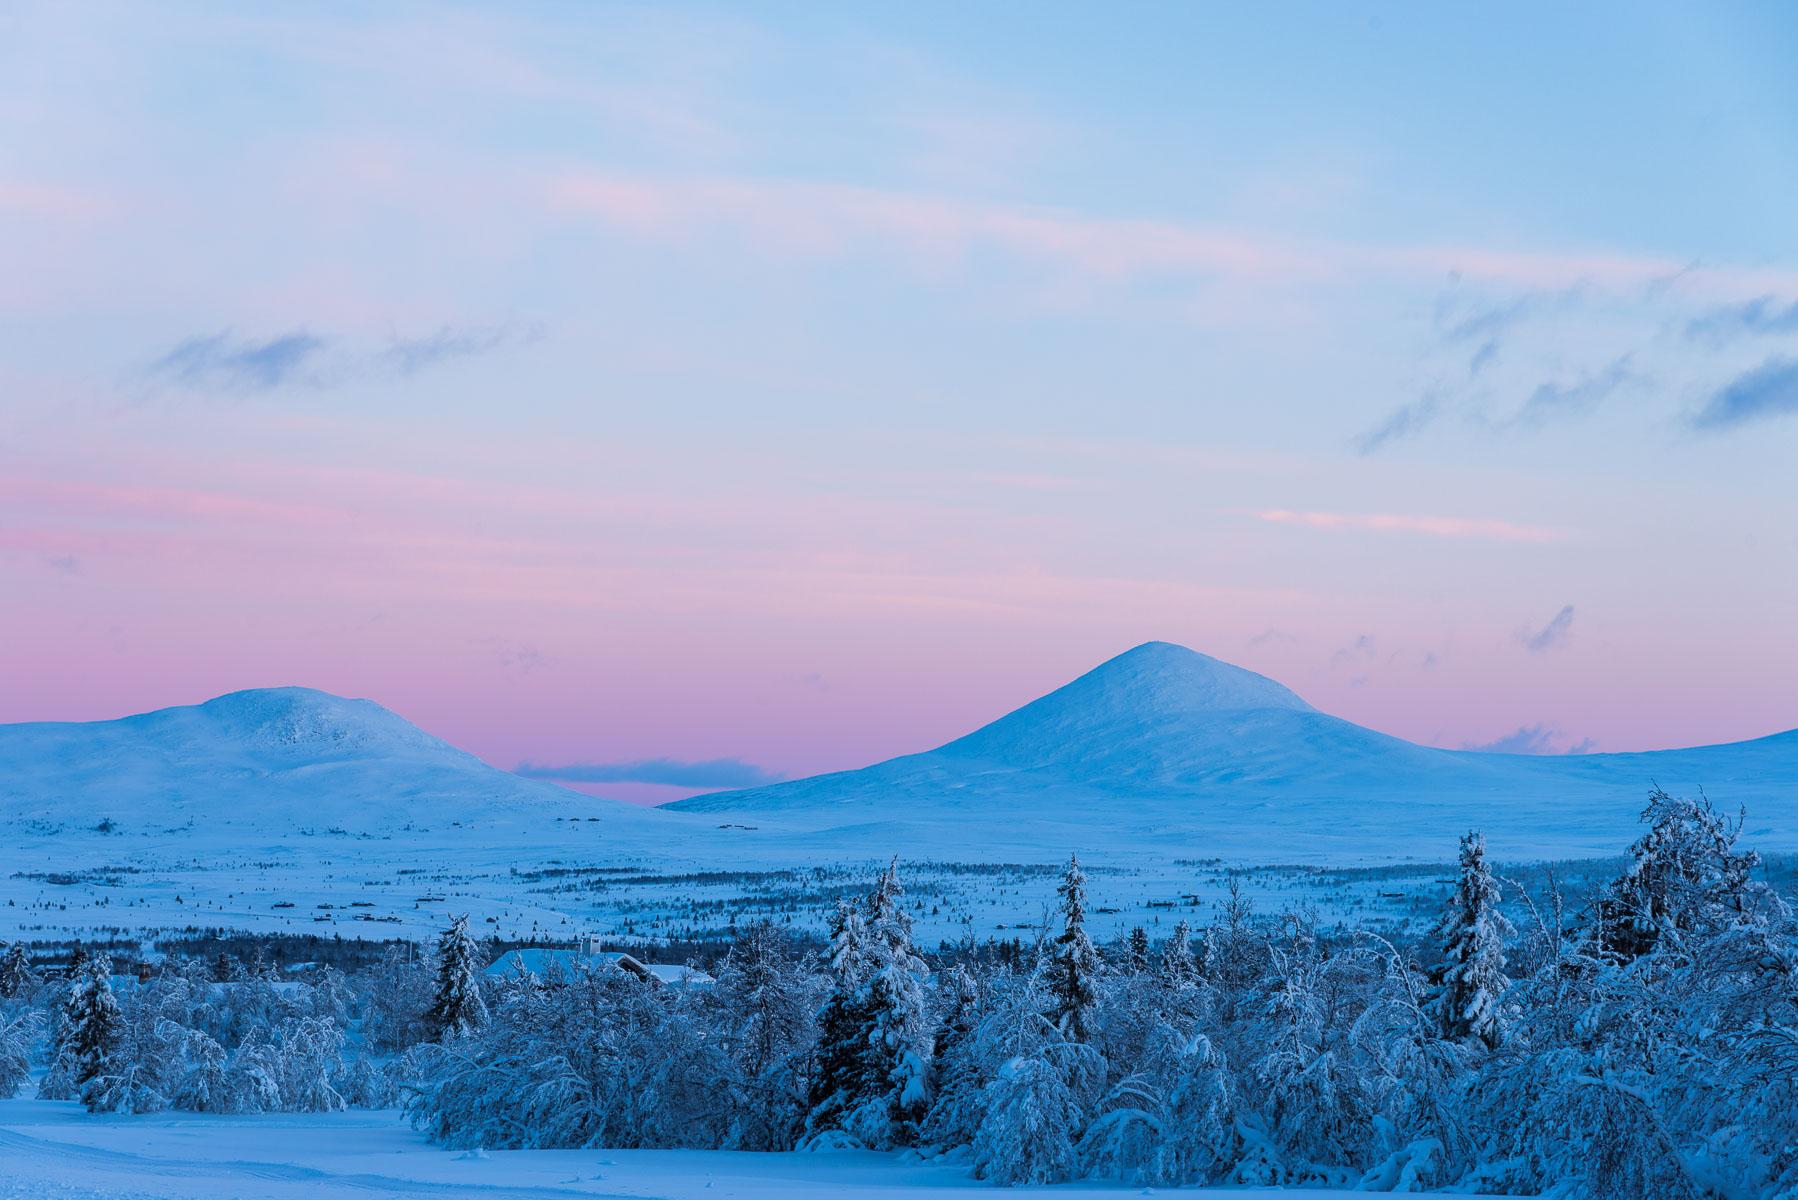 Muen, Venabygdsfjellet - Norway